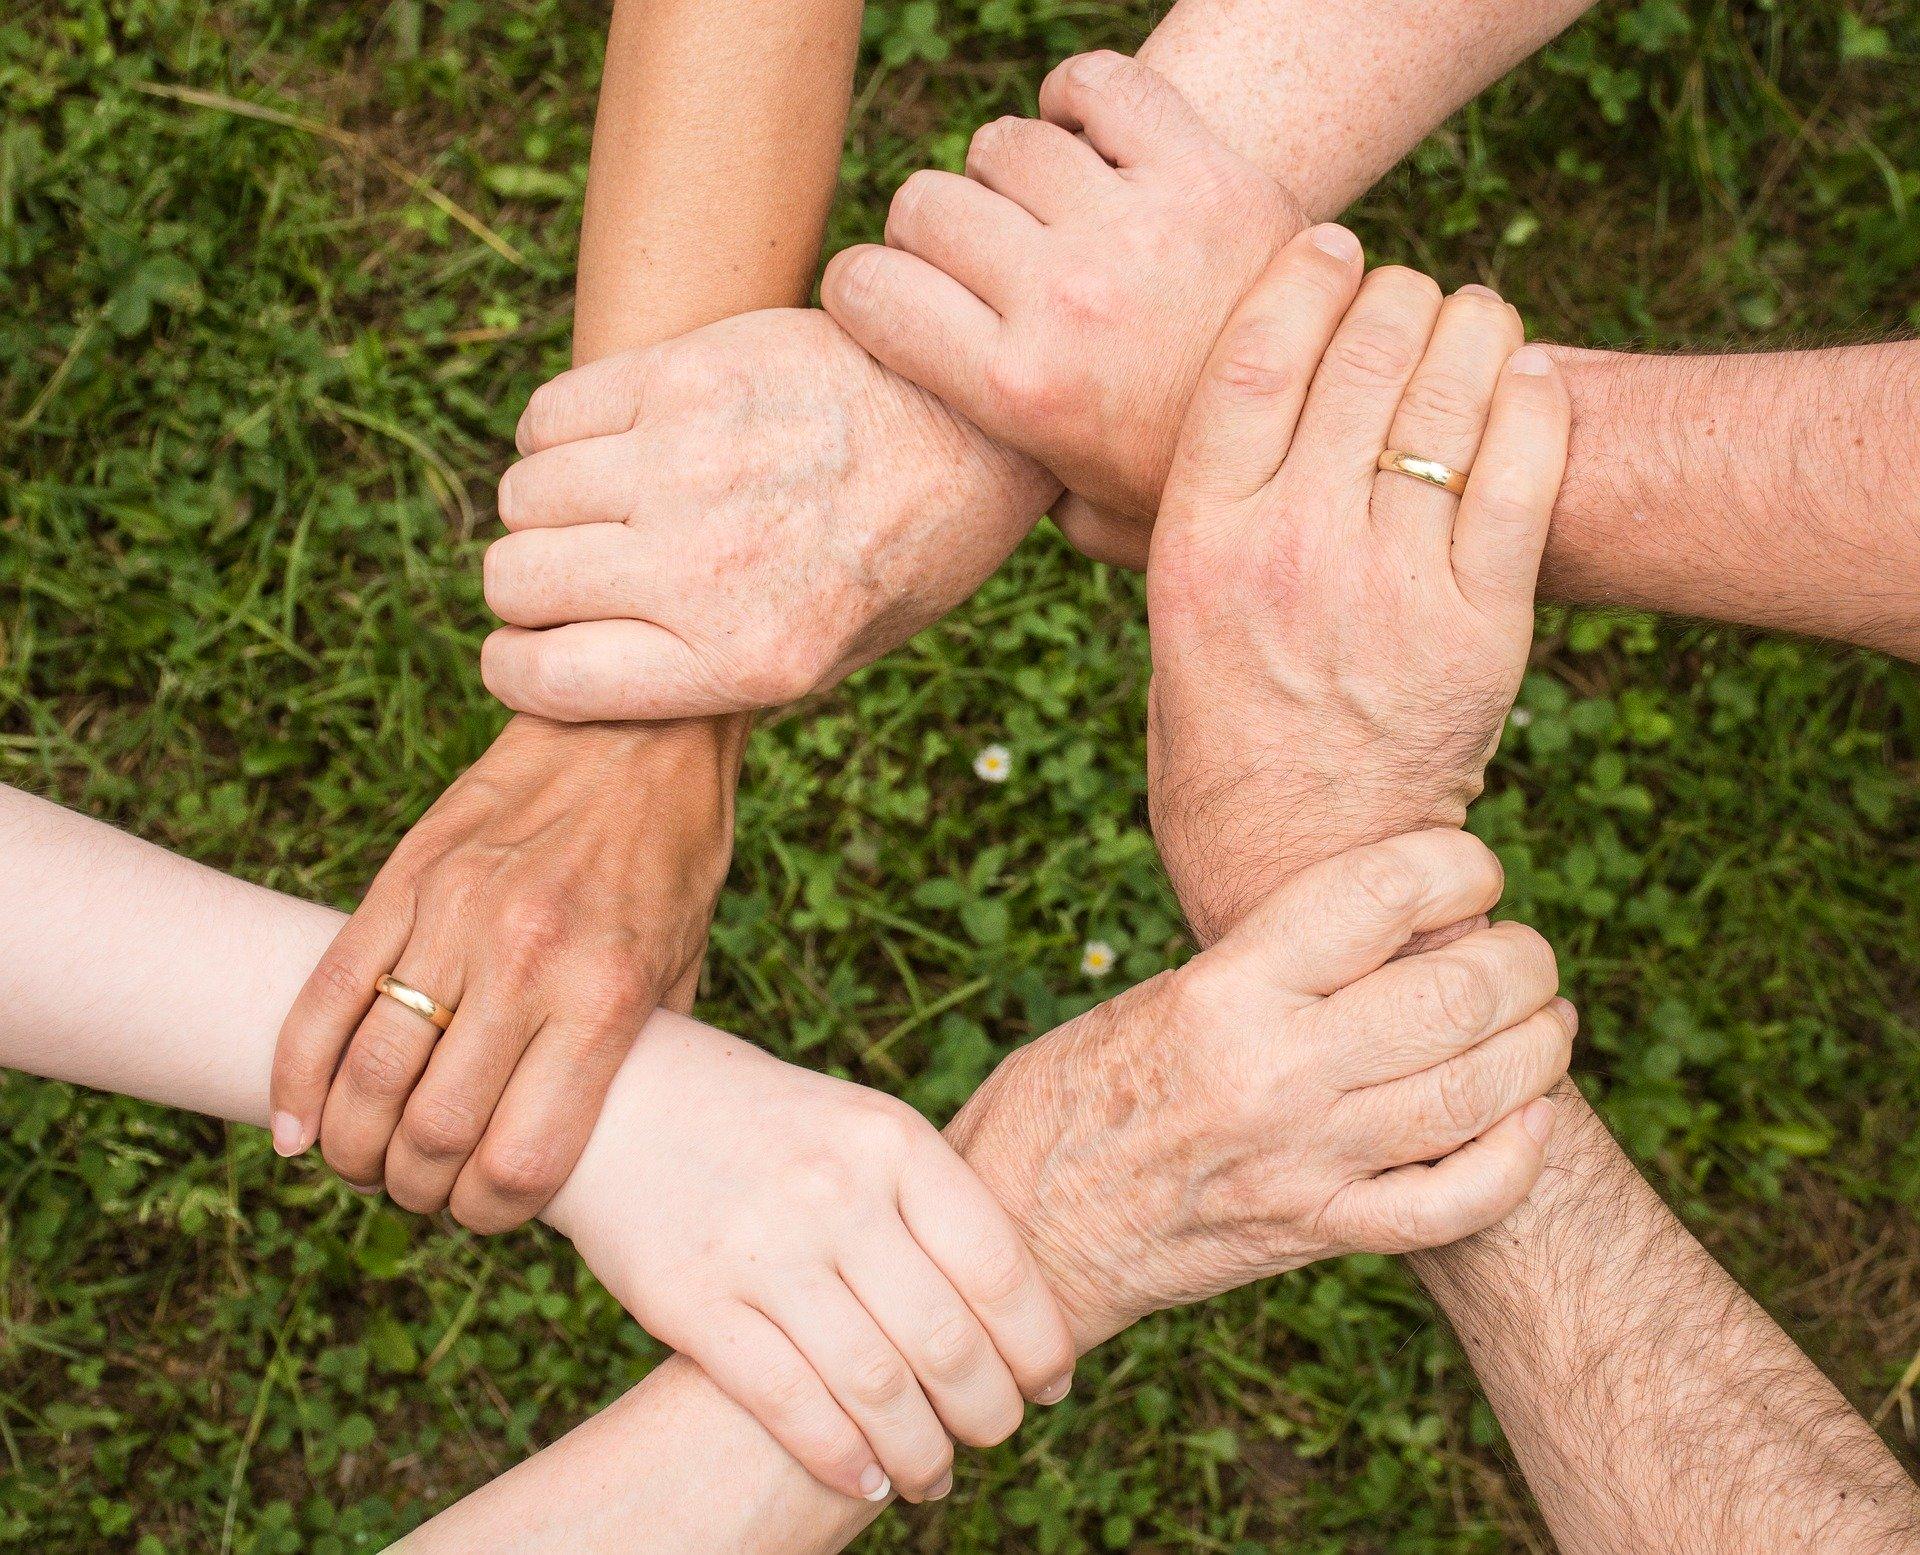 凝聚共識訓練實例|企業全員